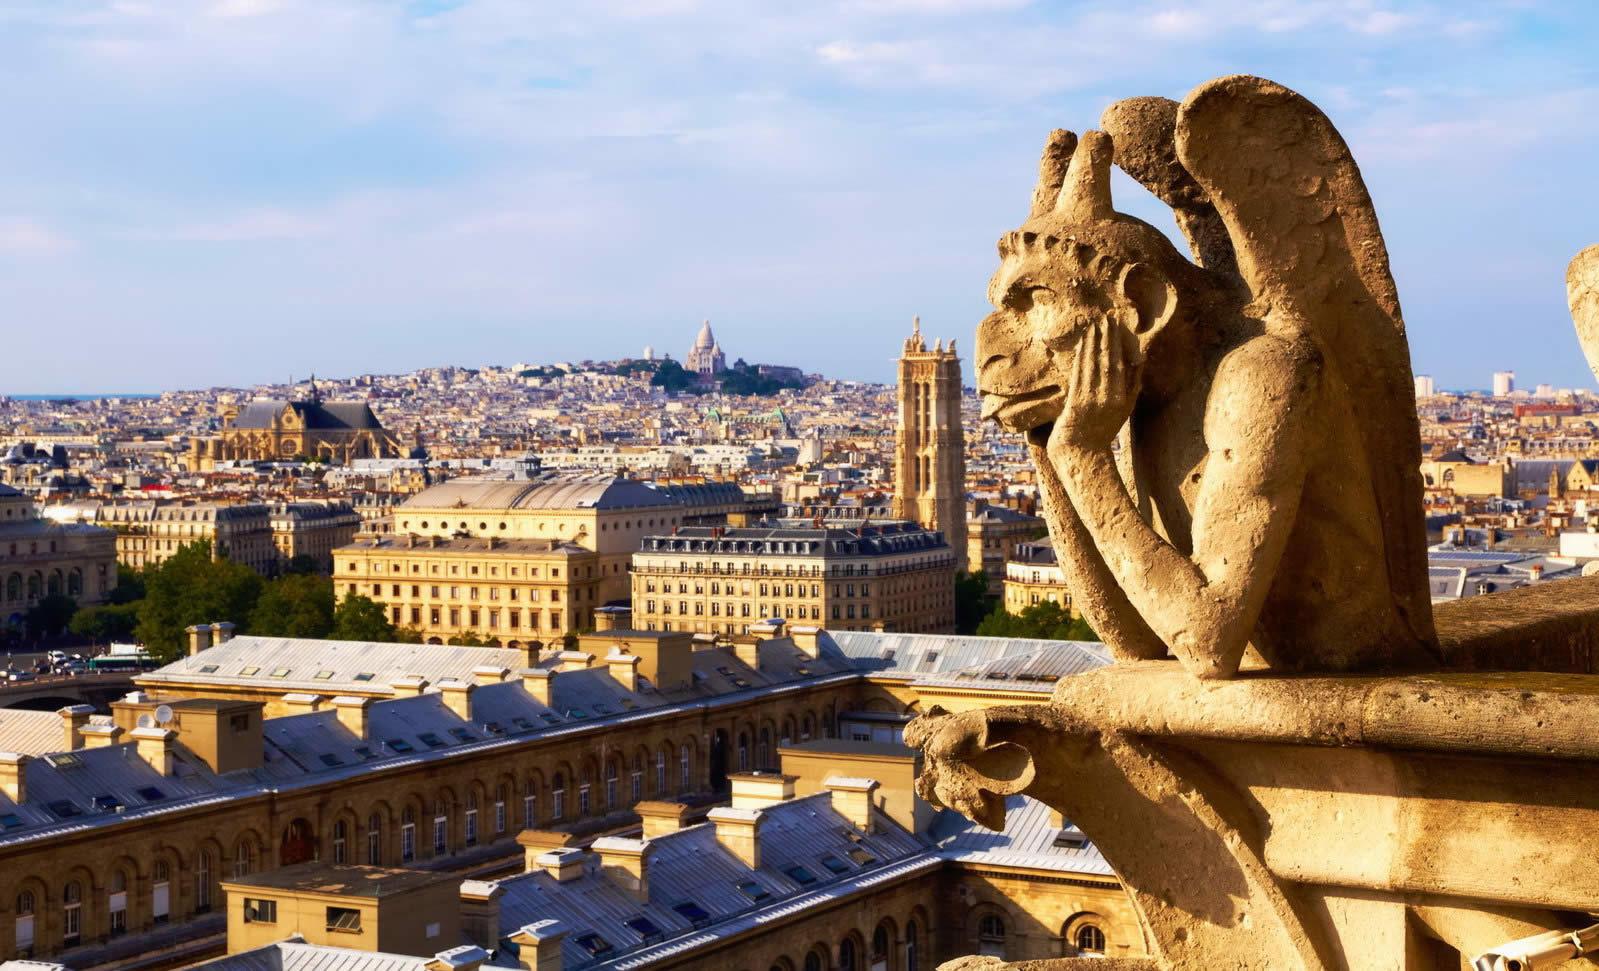 investir-immobilier-paris-plus-belle-ville-monde